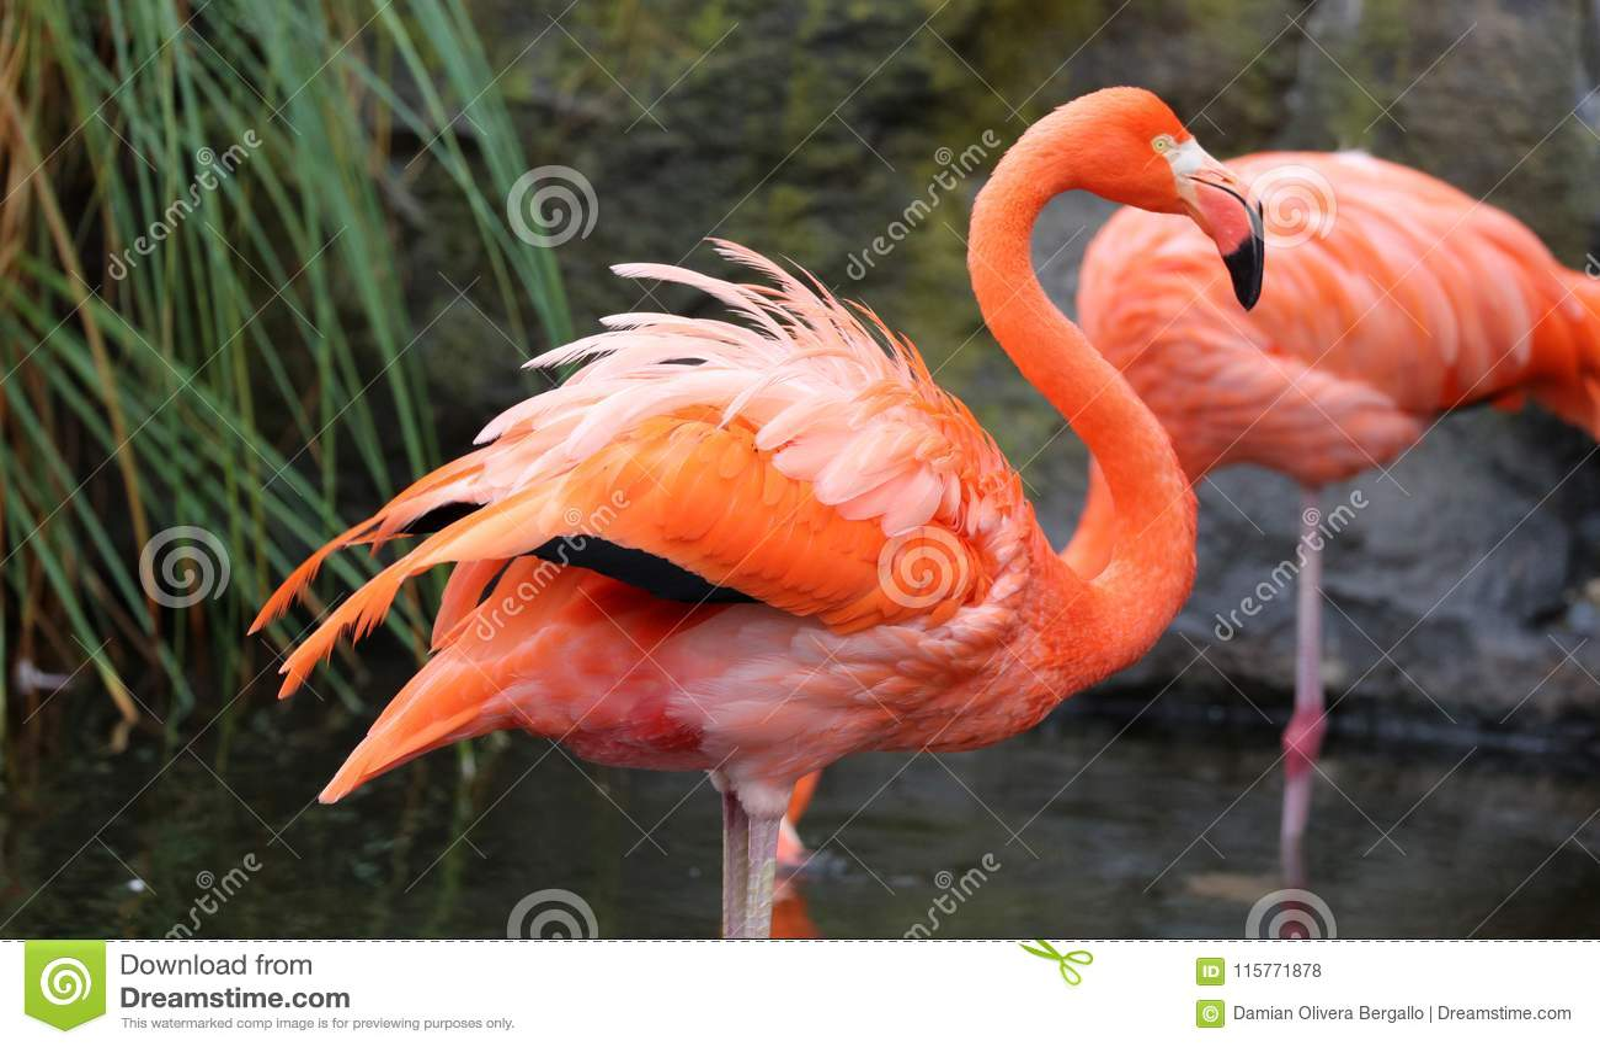 Flamant rouge unique dans un lac, haute photo de définition de cet aviaire merveilleux en Amérique du Sud